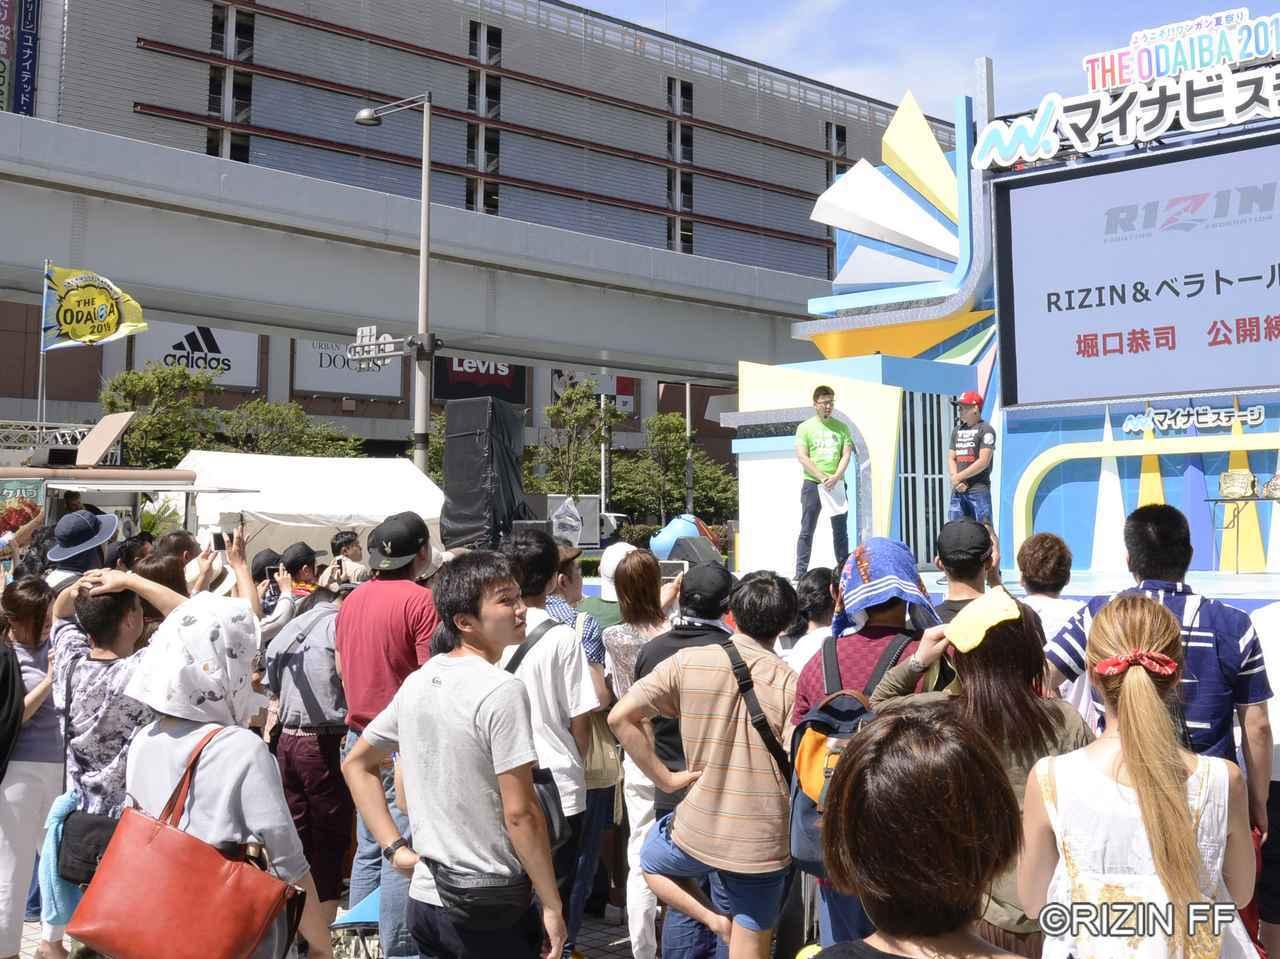 画像2: 「将棋みたいに詰めて、最終的に決める」GOOD SPEED presents RIZIN.18に出場する堀口恭司が『THE ODAIBA2019 』で練習を公開!